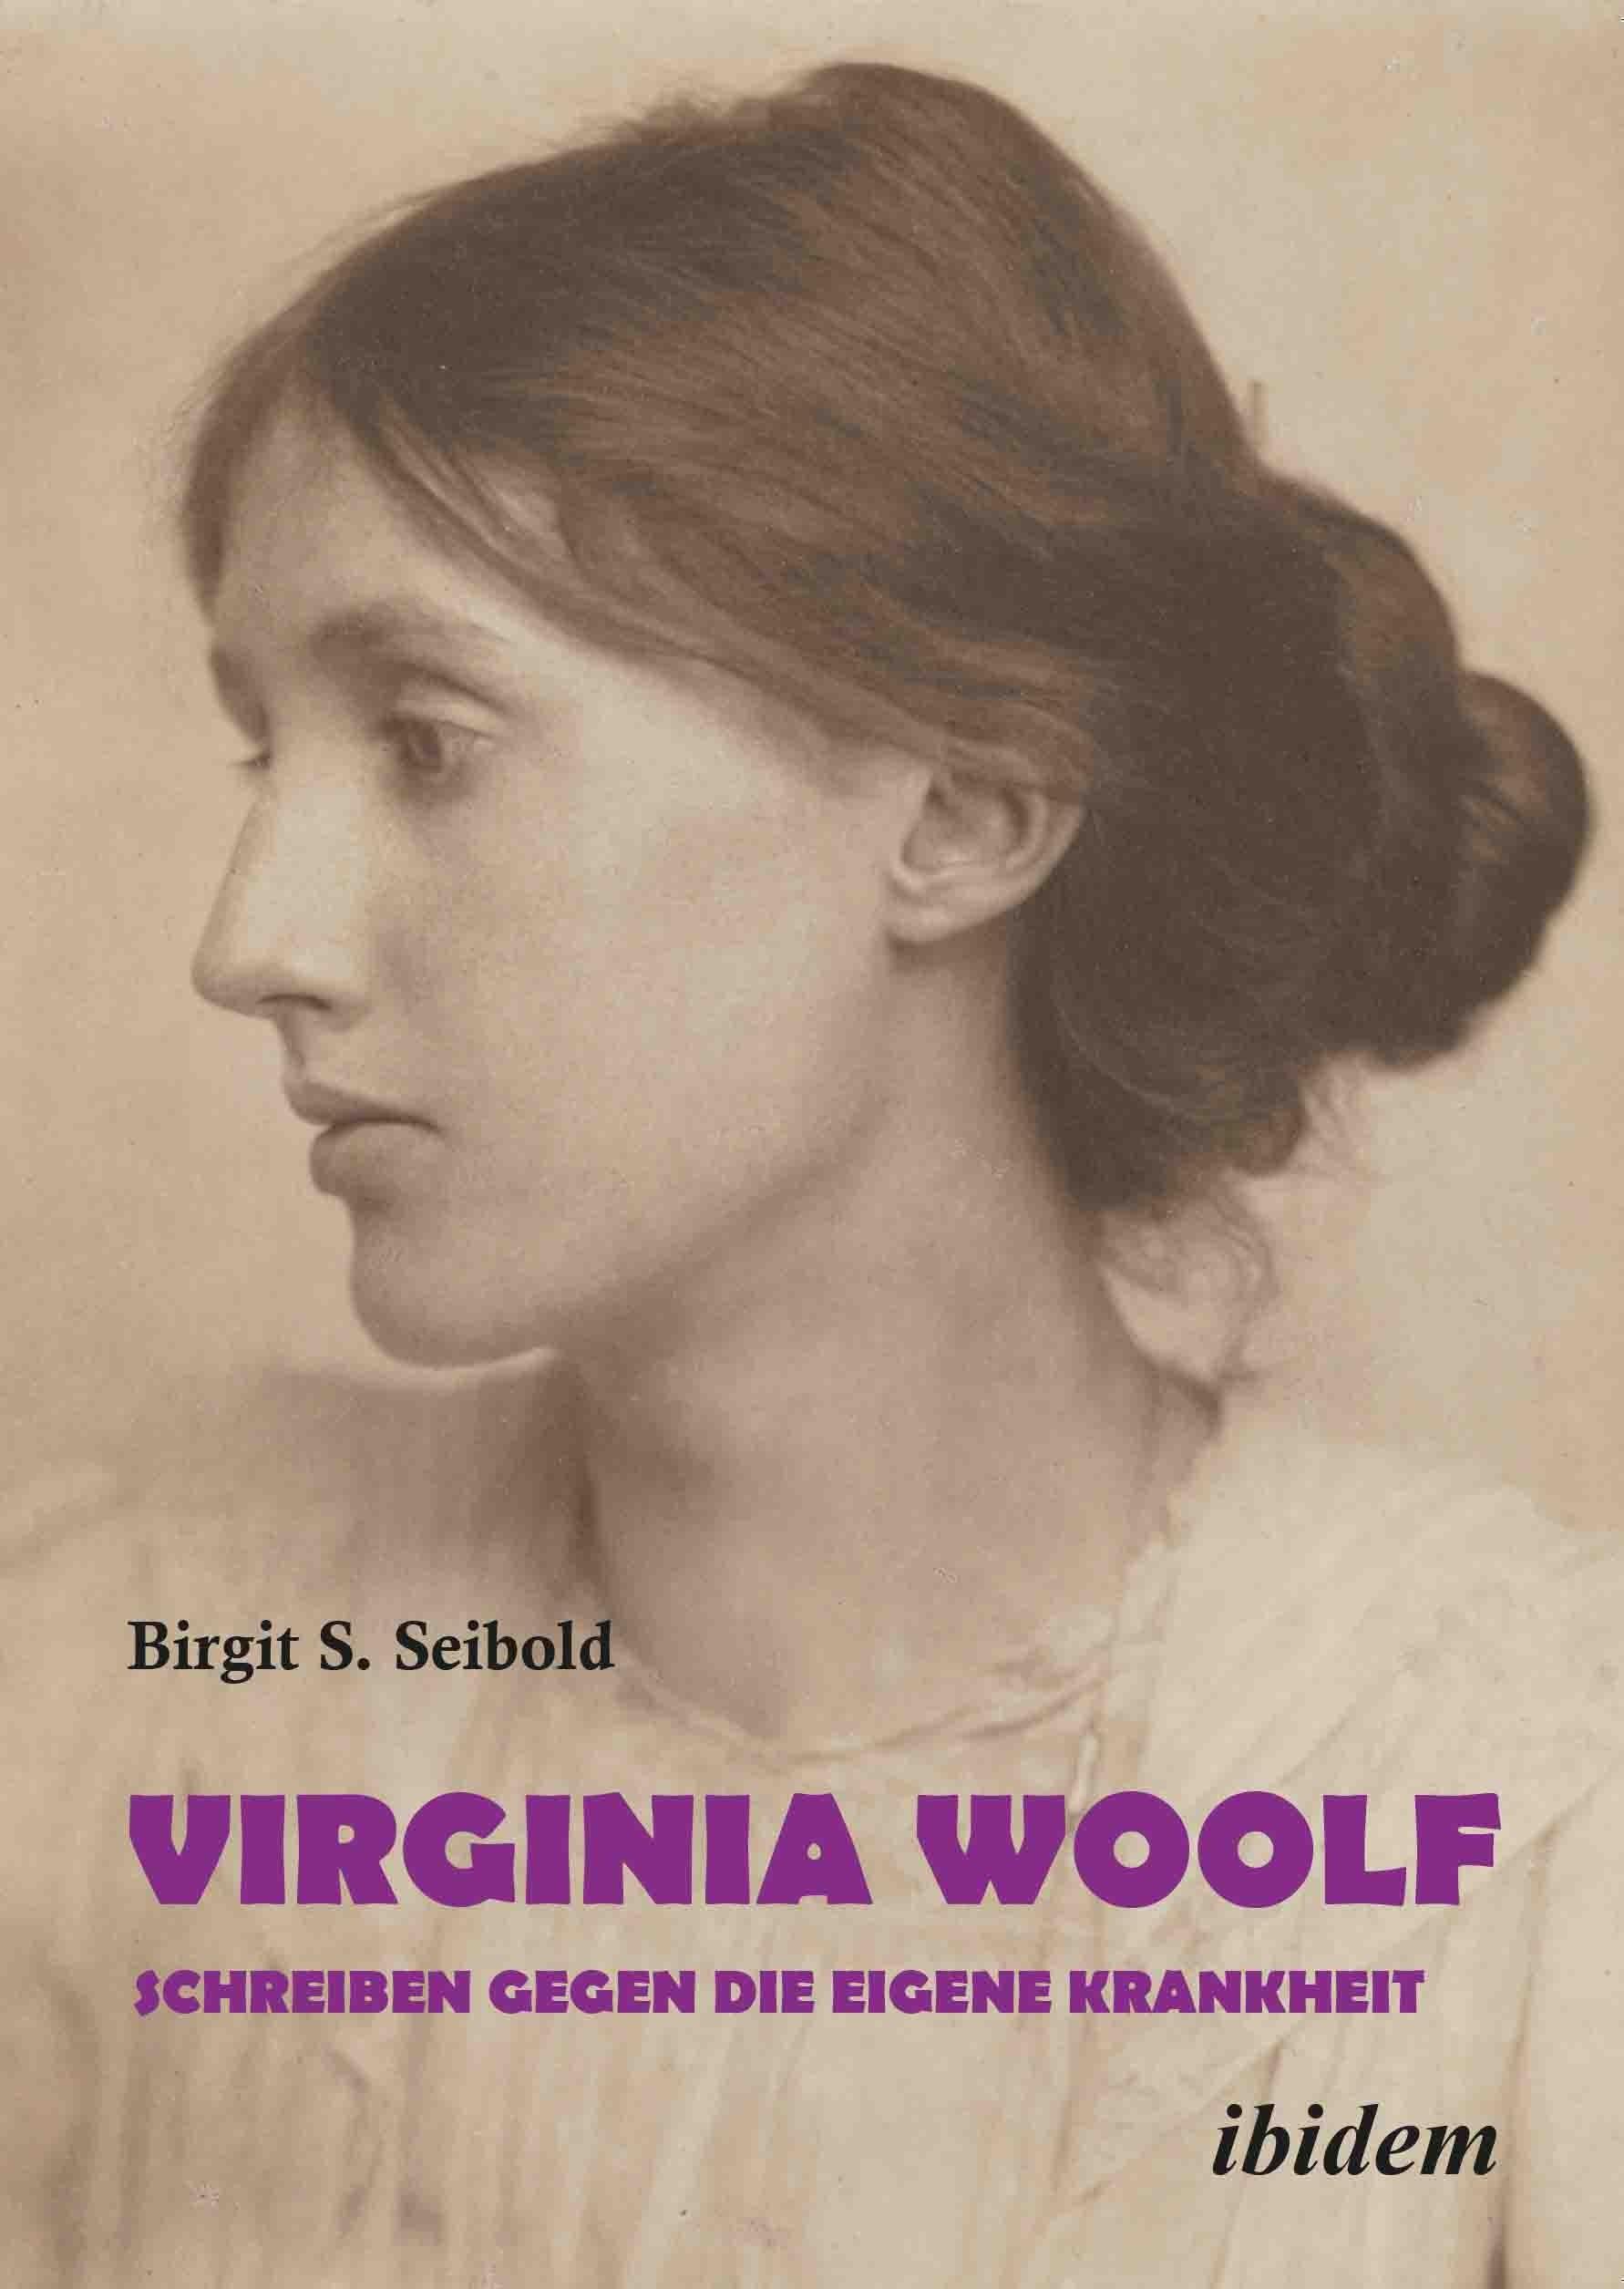 Virginia Woolf – Schreiben gegen die eigene Krankheit